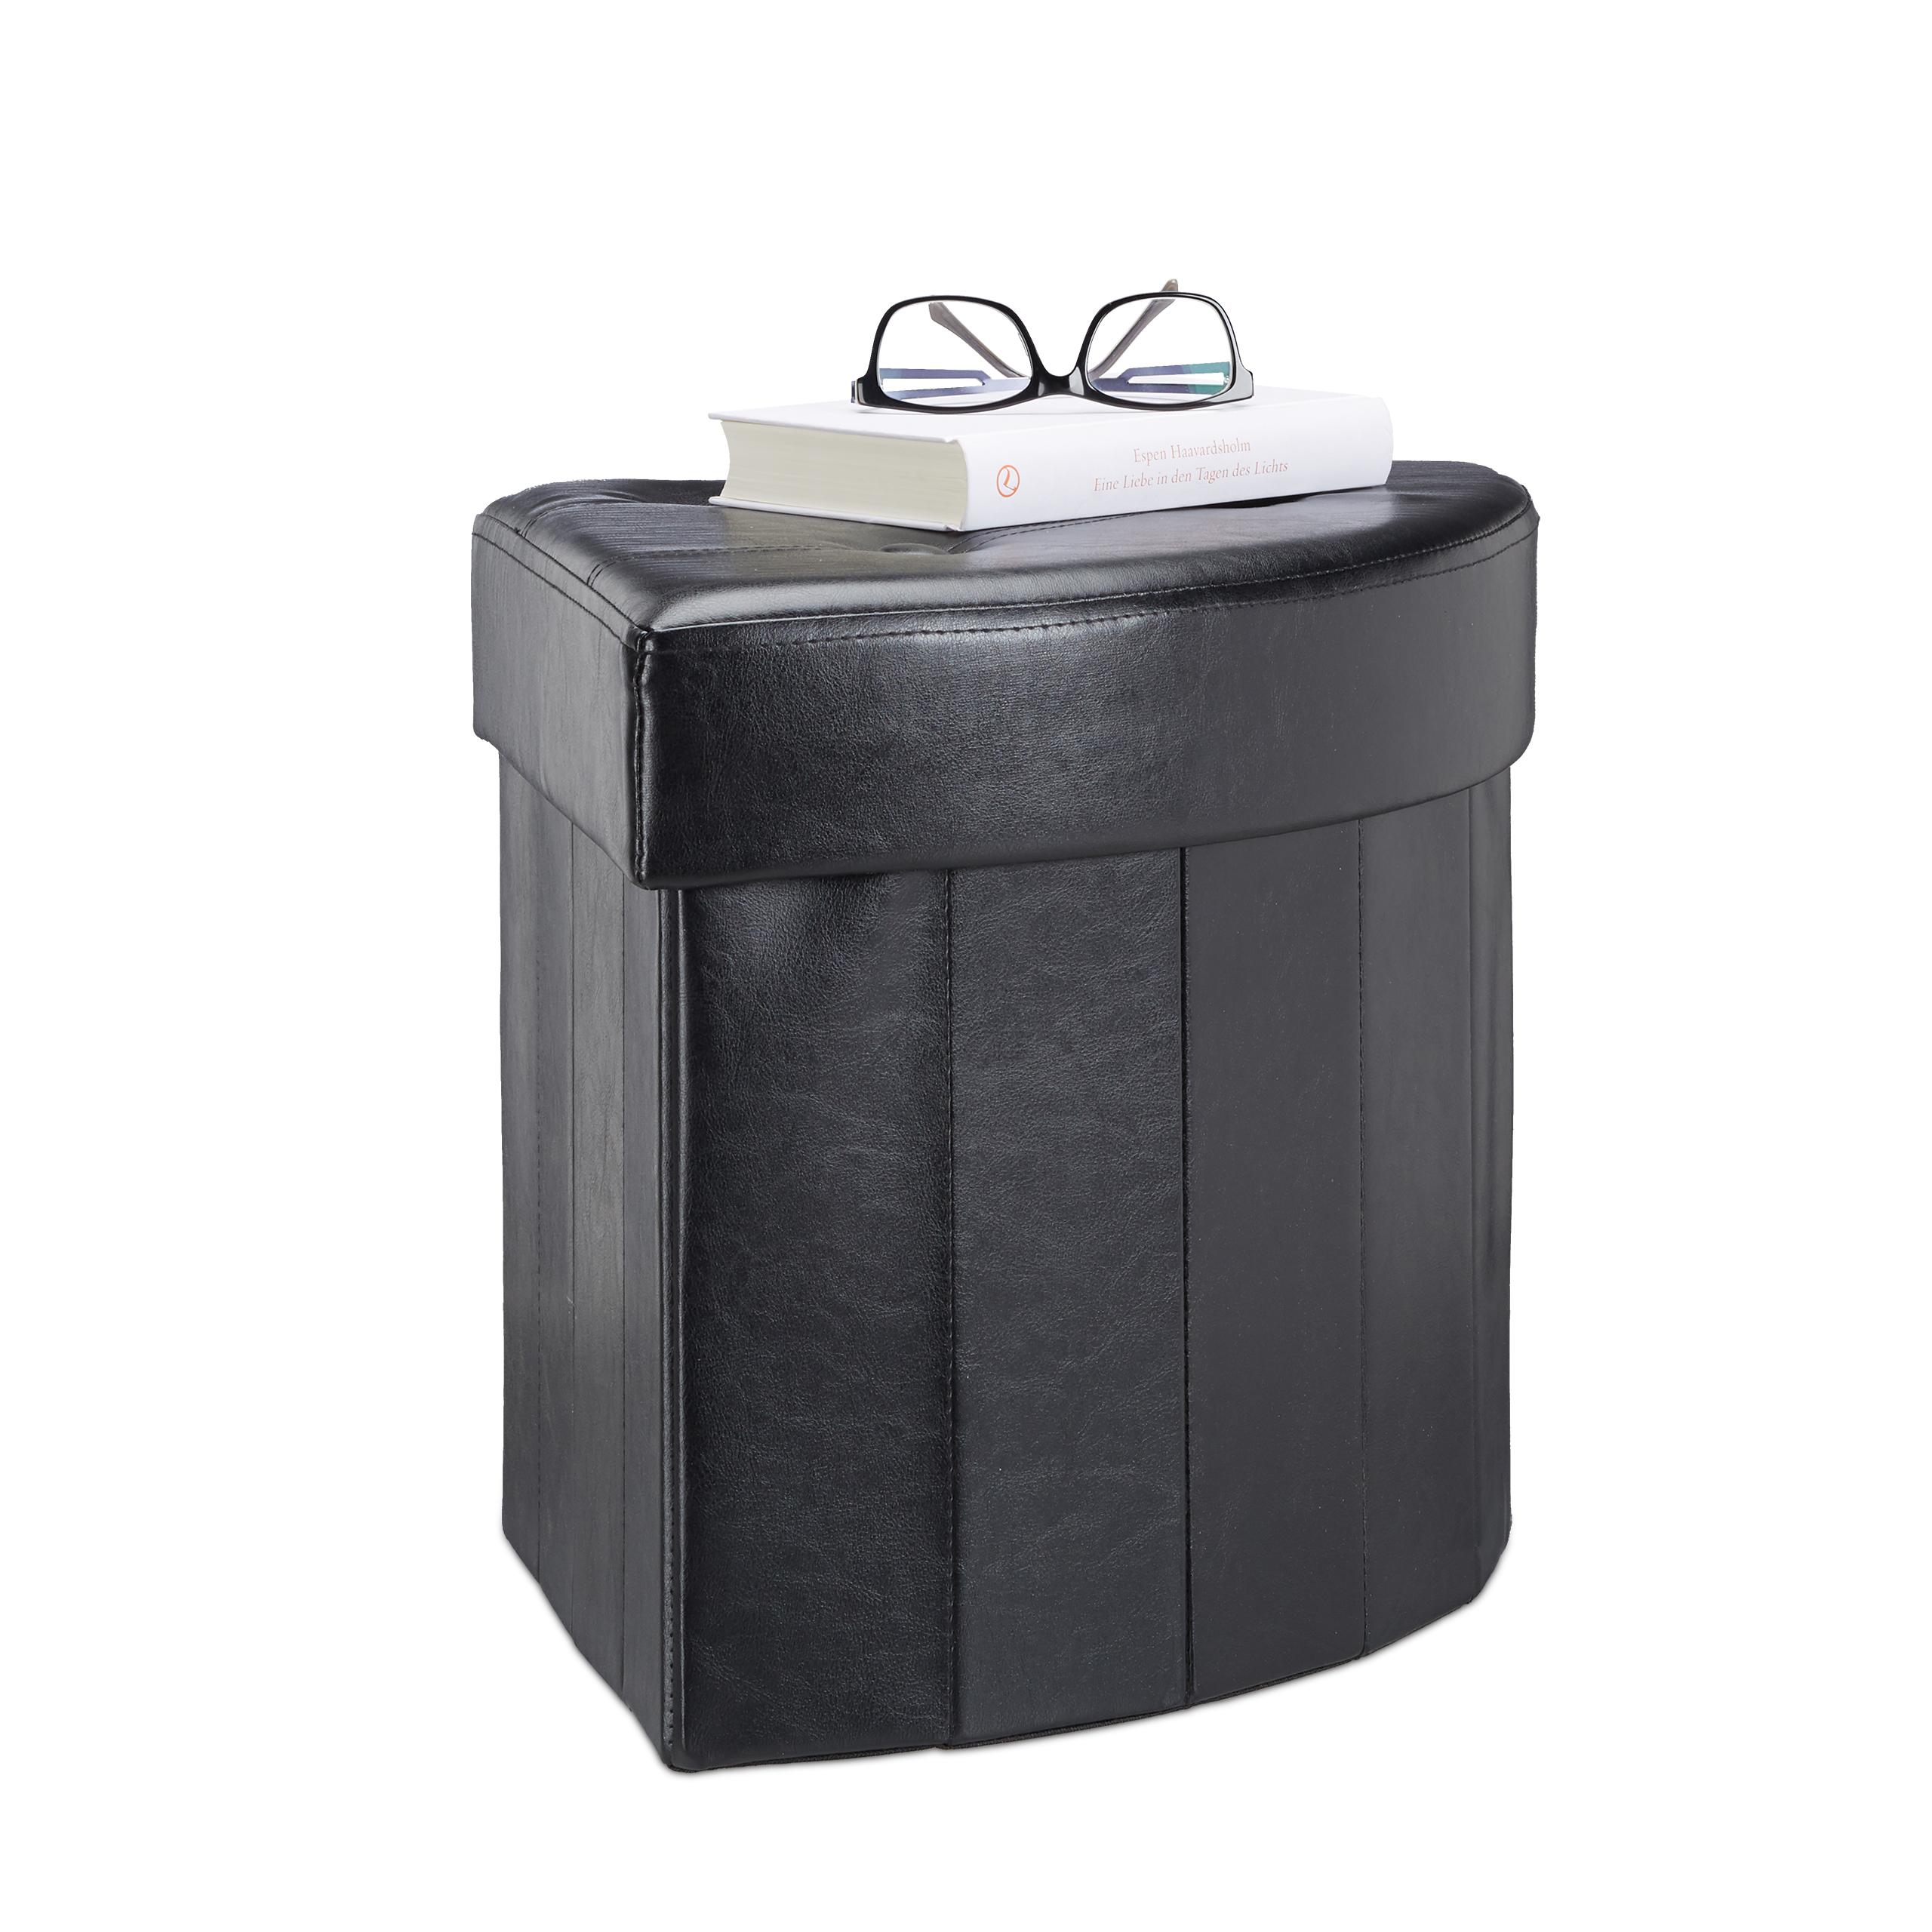 Hocker Eckig Sitzhocker Mit Stauraum Aufbewahrungsbox Eckhocker